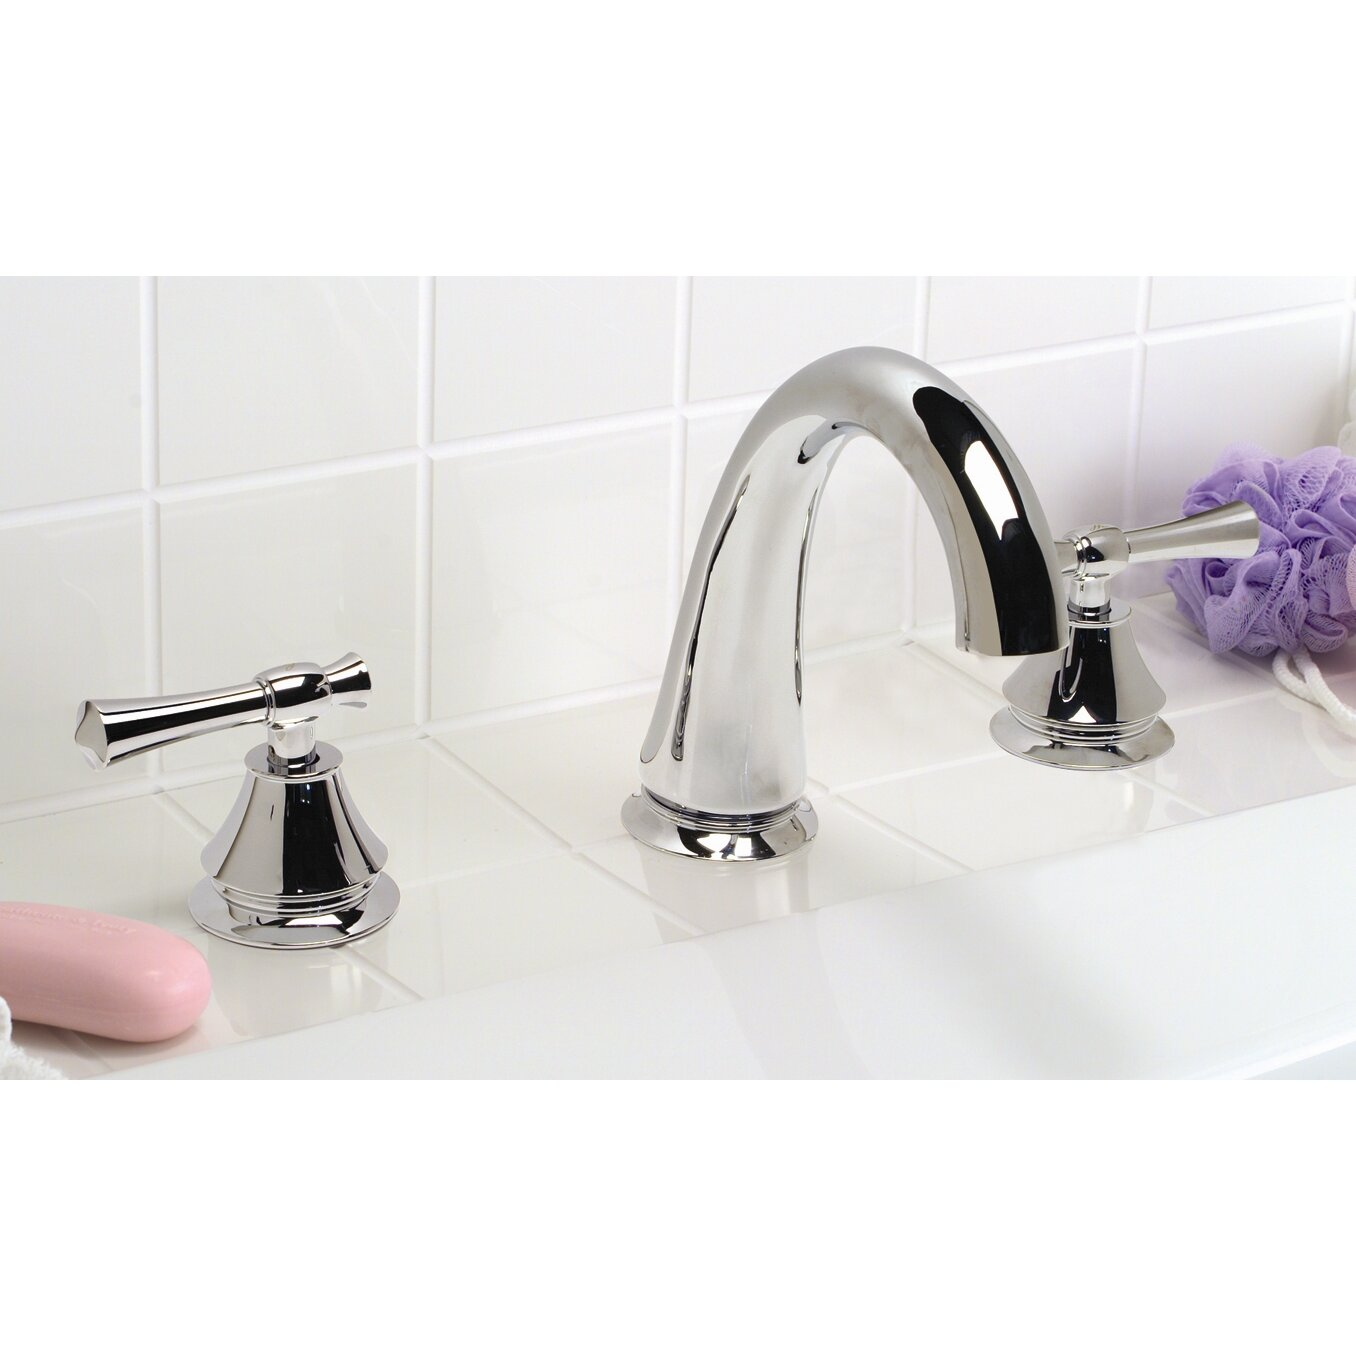 premier faucet torino double handle deck mount roman tub